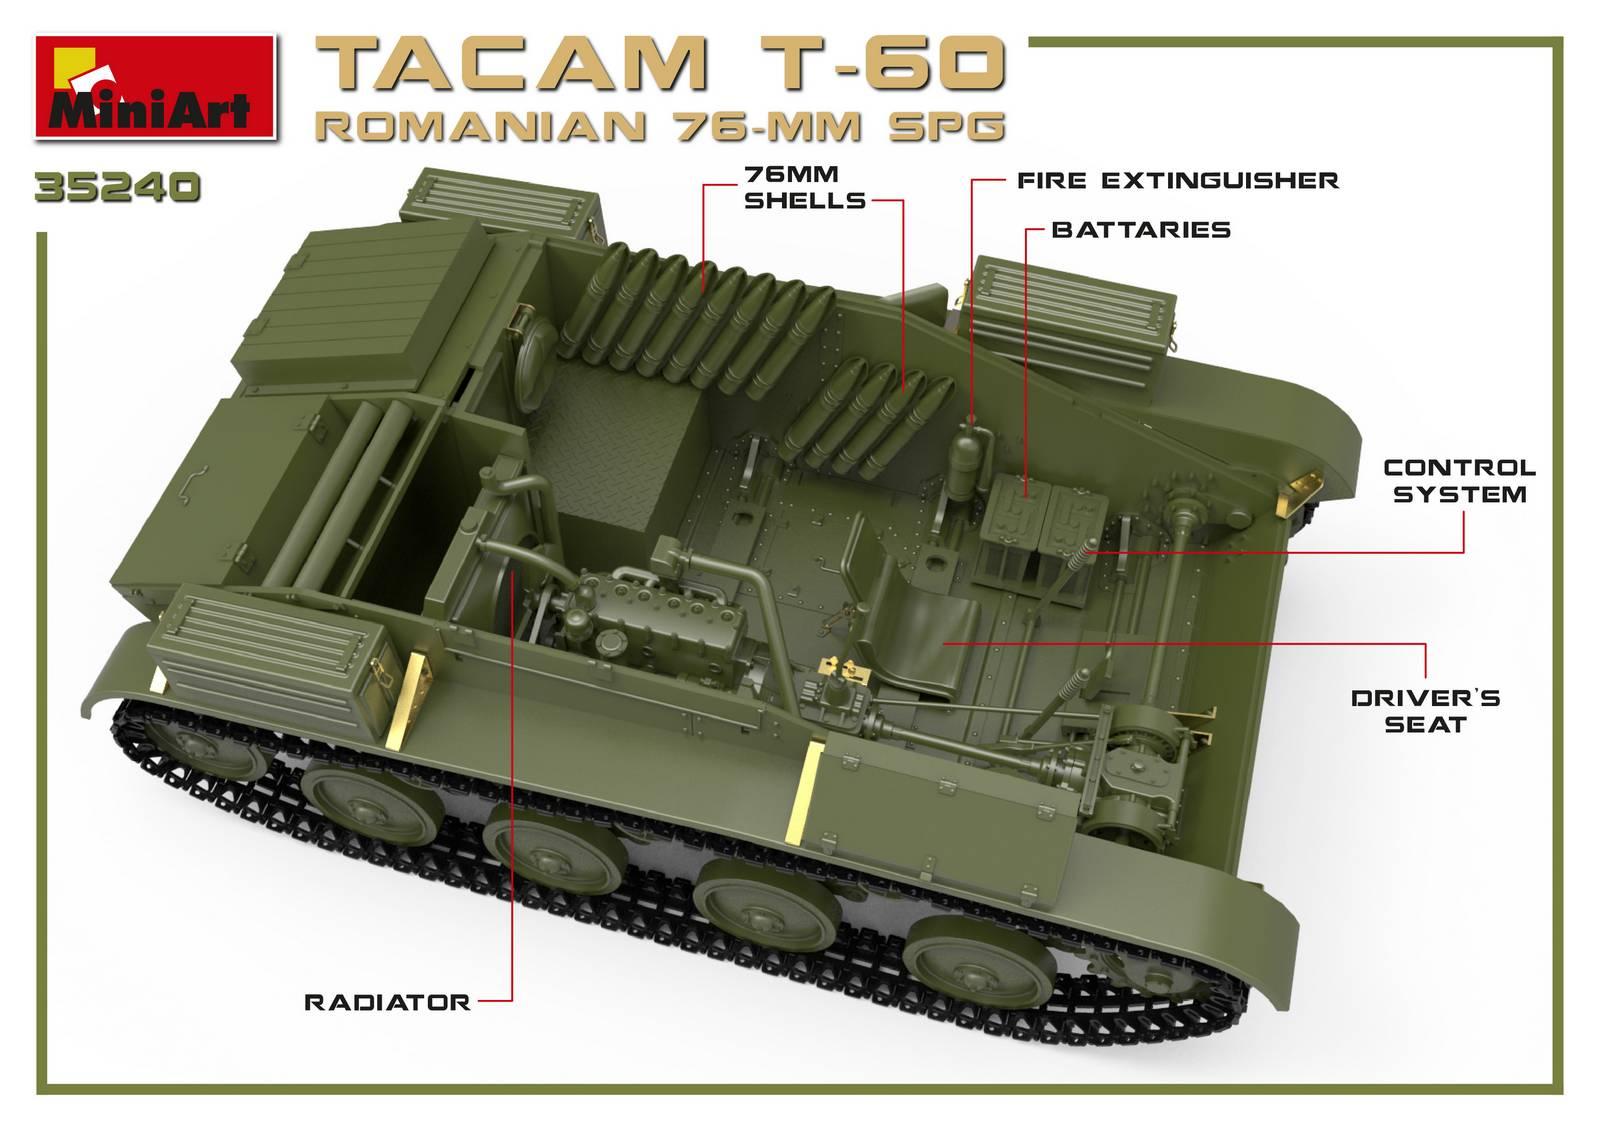 """1/35 РУМЫНСКАЯ 76-мм САУ """"TACAM"""" T-60 С ИНТЕРЬЕРОМ 35240"""